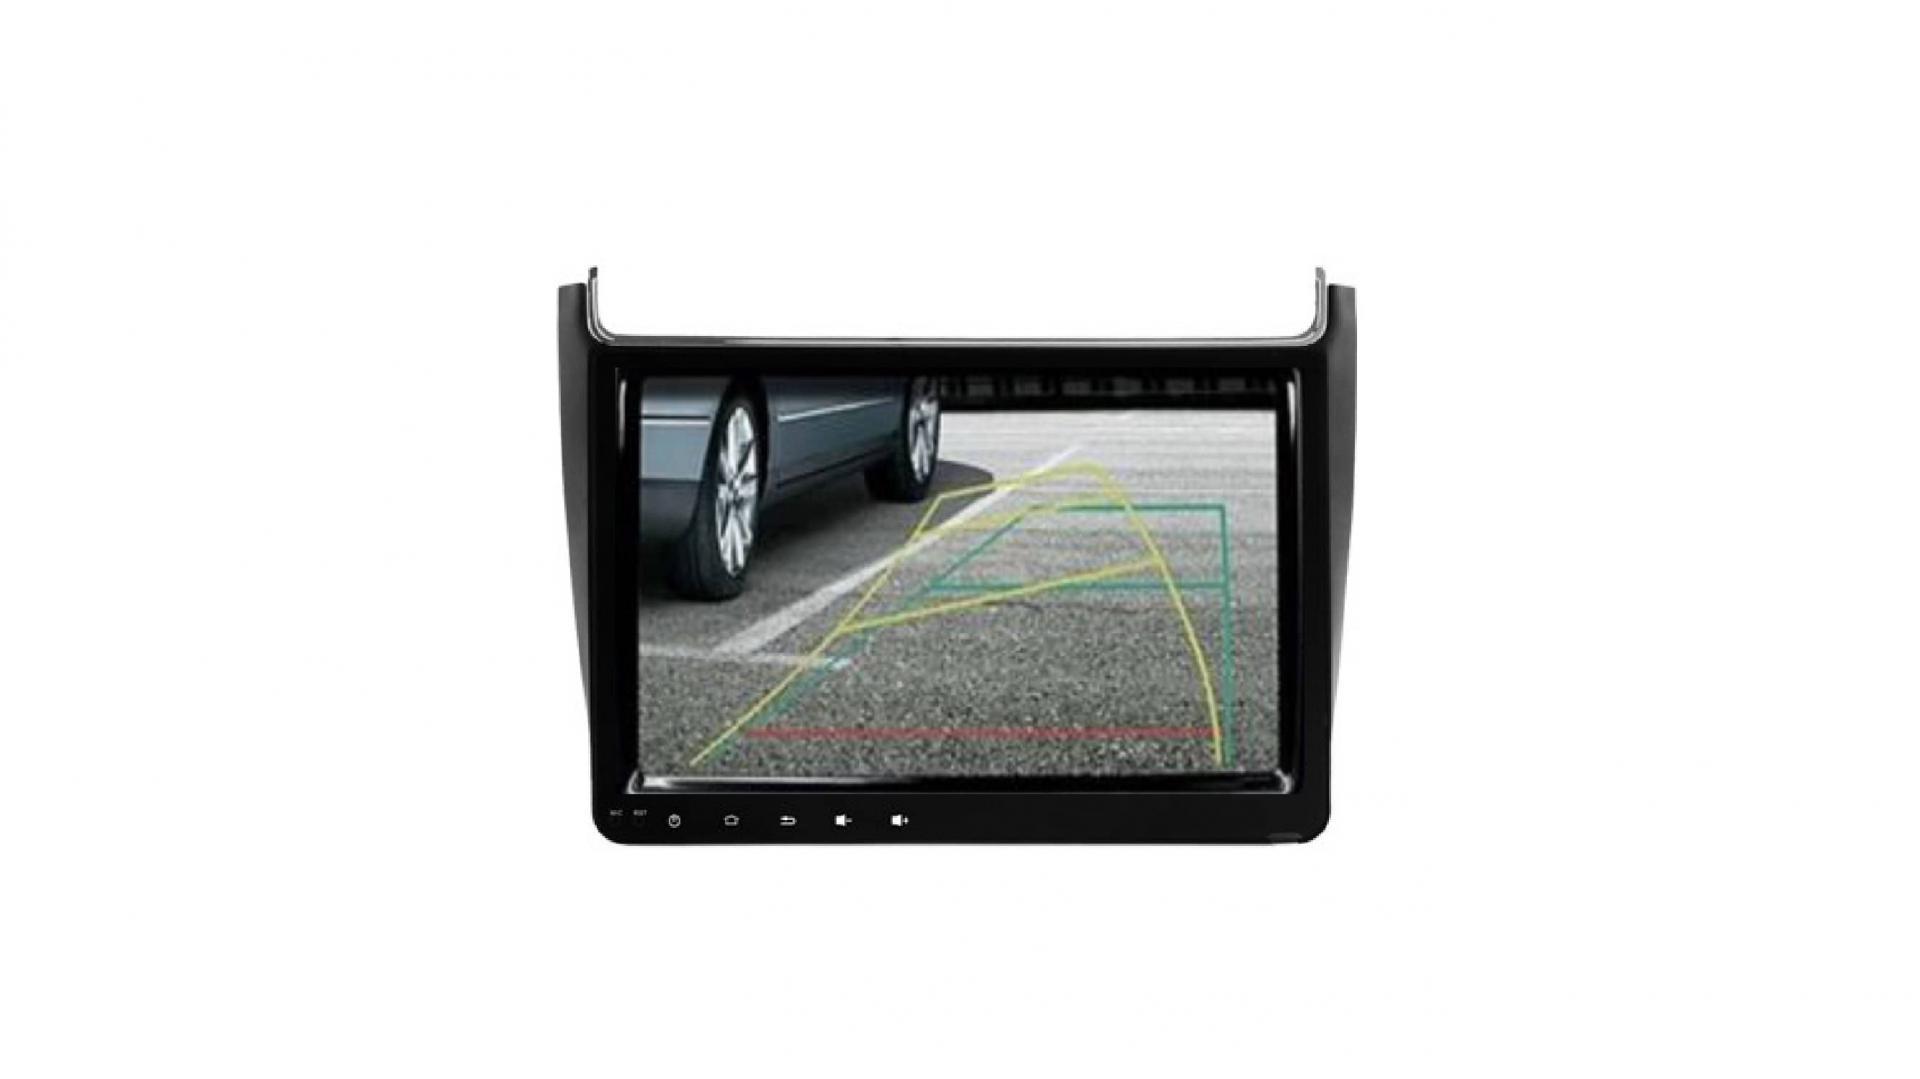 Vw polo autoradio gps bluetooth android auto carplay camera de recul commande au volant1